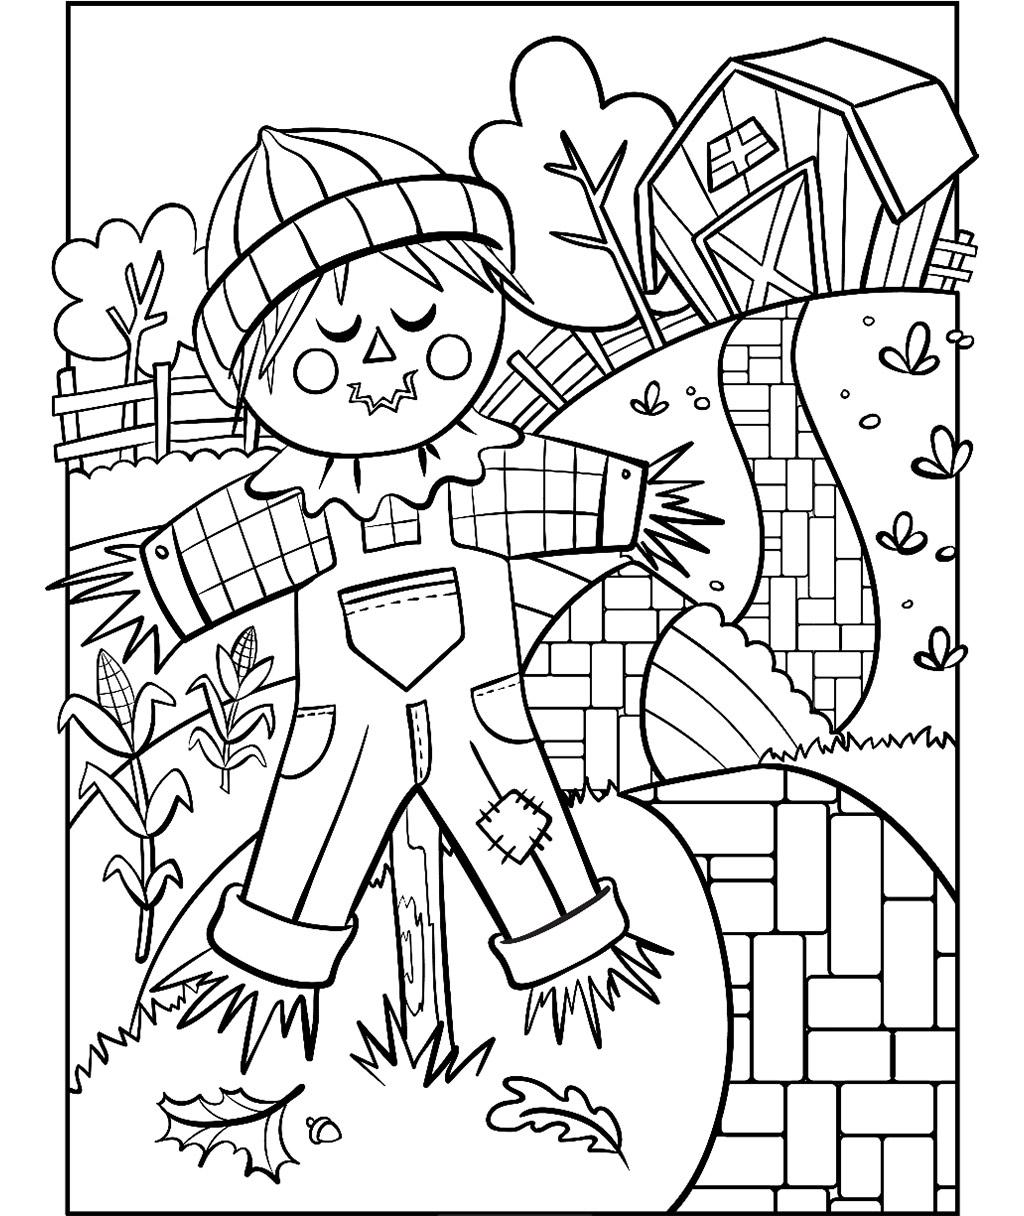 - Scarecrow Coloring Page Crayola.com